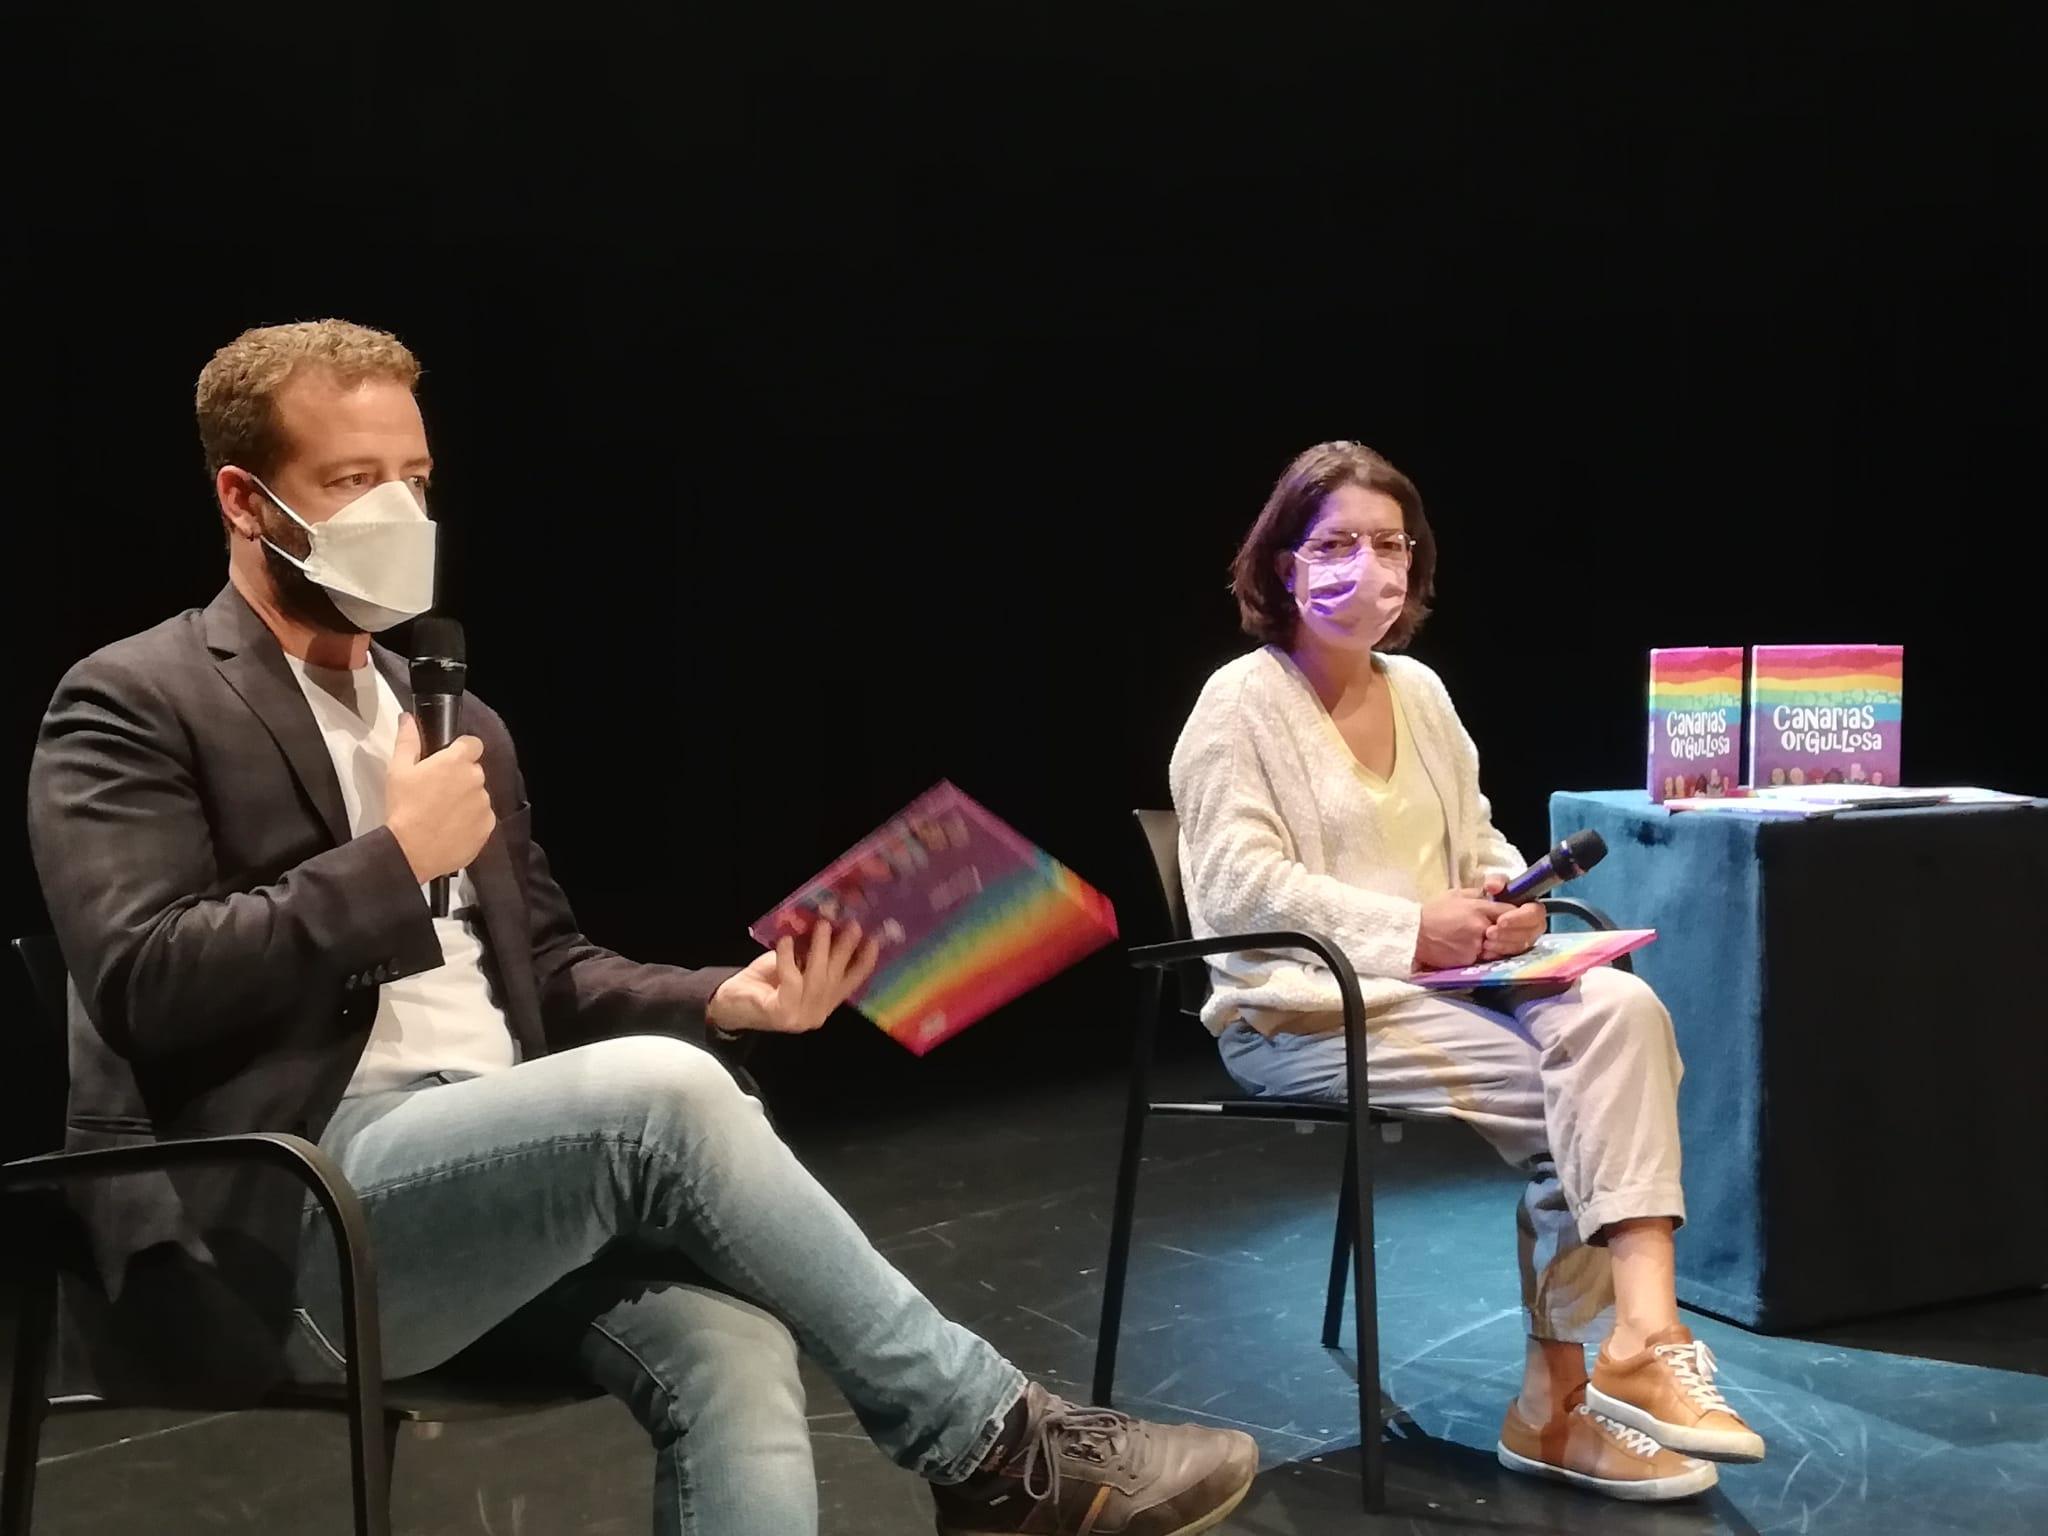 Juan Márquez y Silvia Jaén presentan el libro Canarias Orgullosa